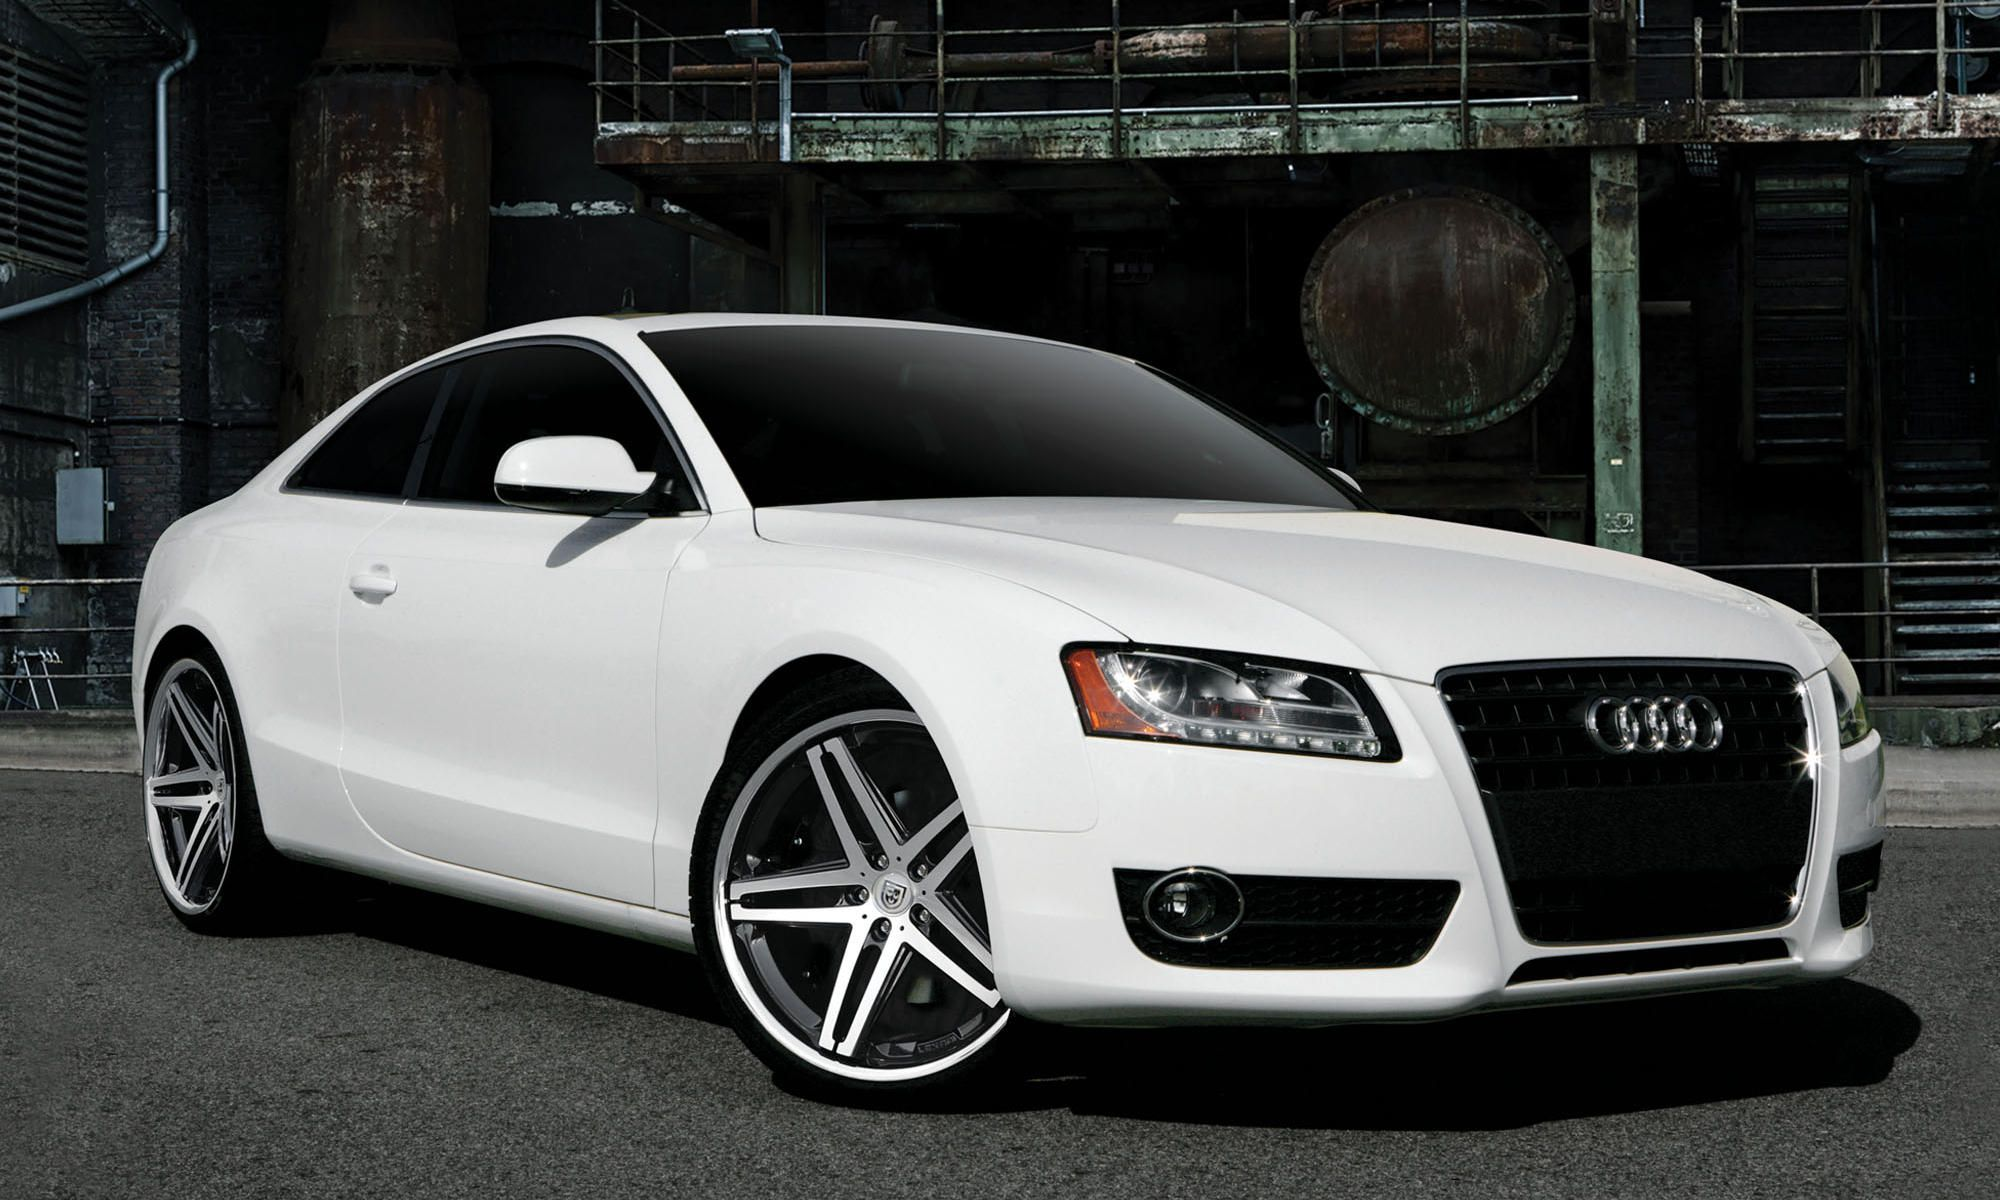 Kelebihan Kekurangan Audi A5 2011 Review